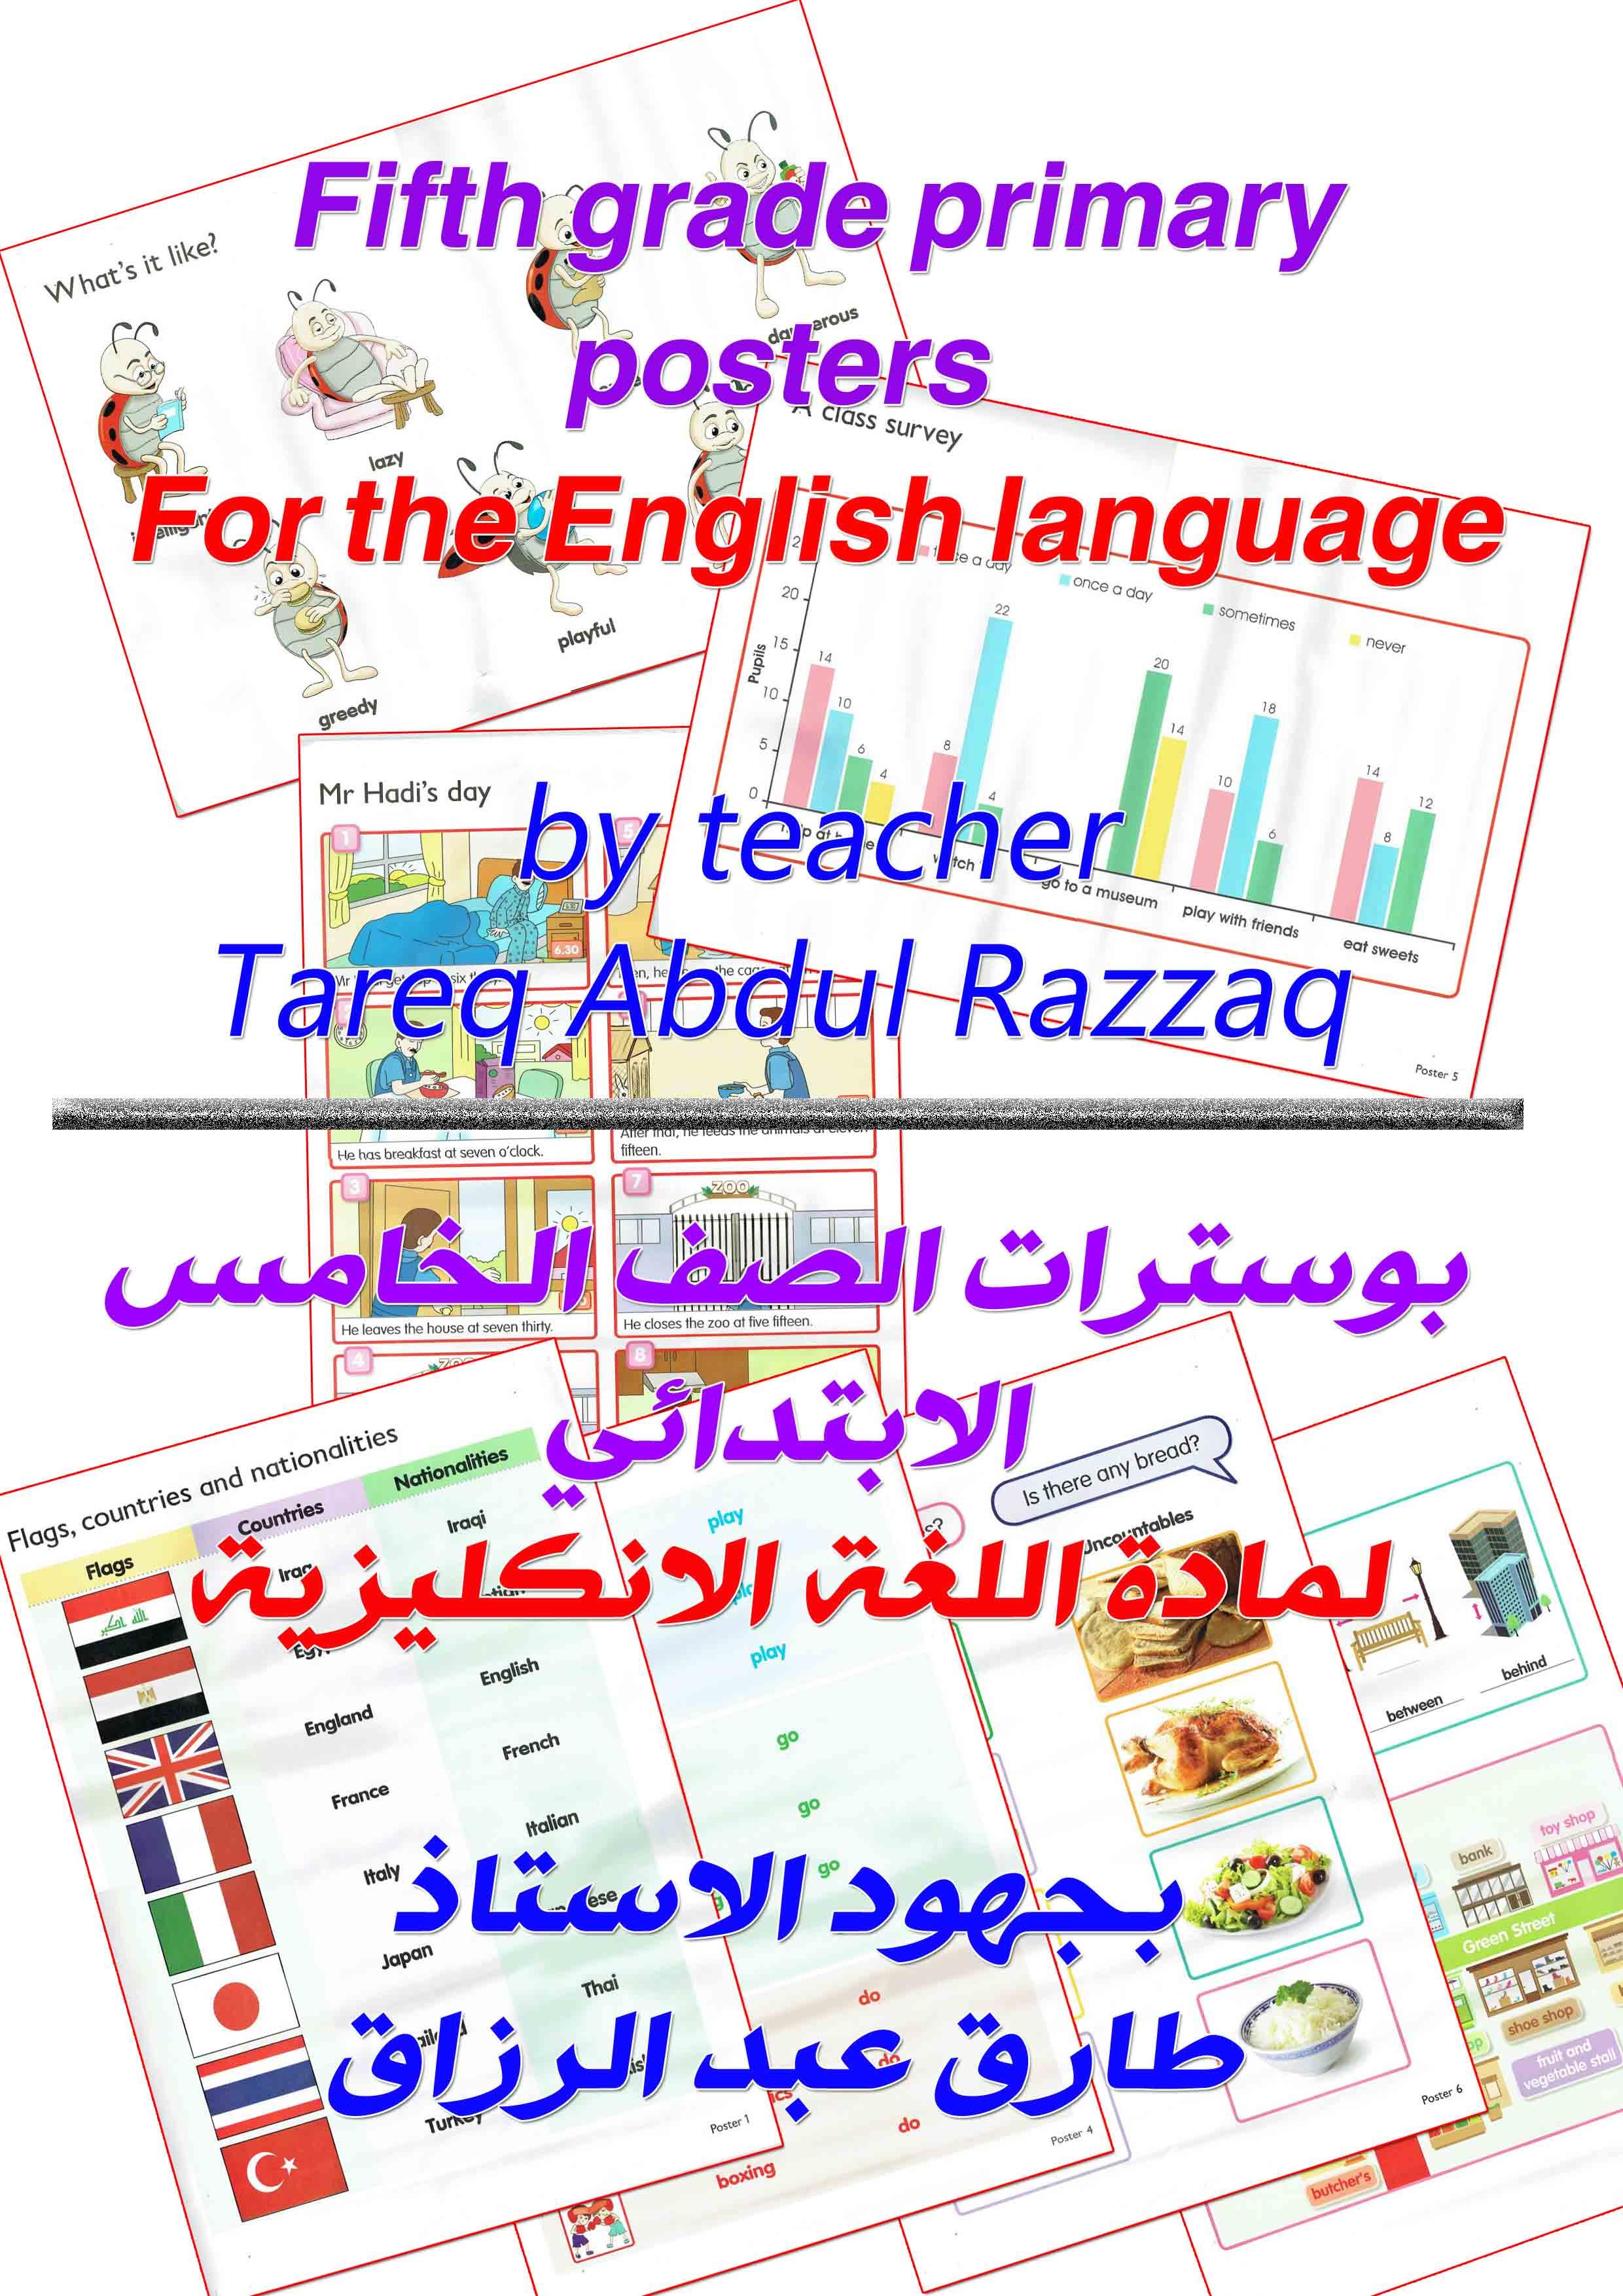 Fifth grade primary posters بوسترات الصف الخامس لمادة اللغة الانكليزية